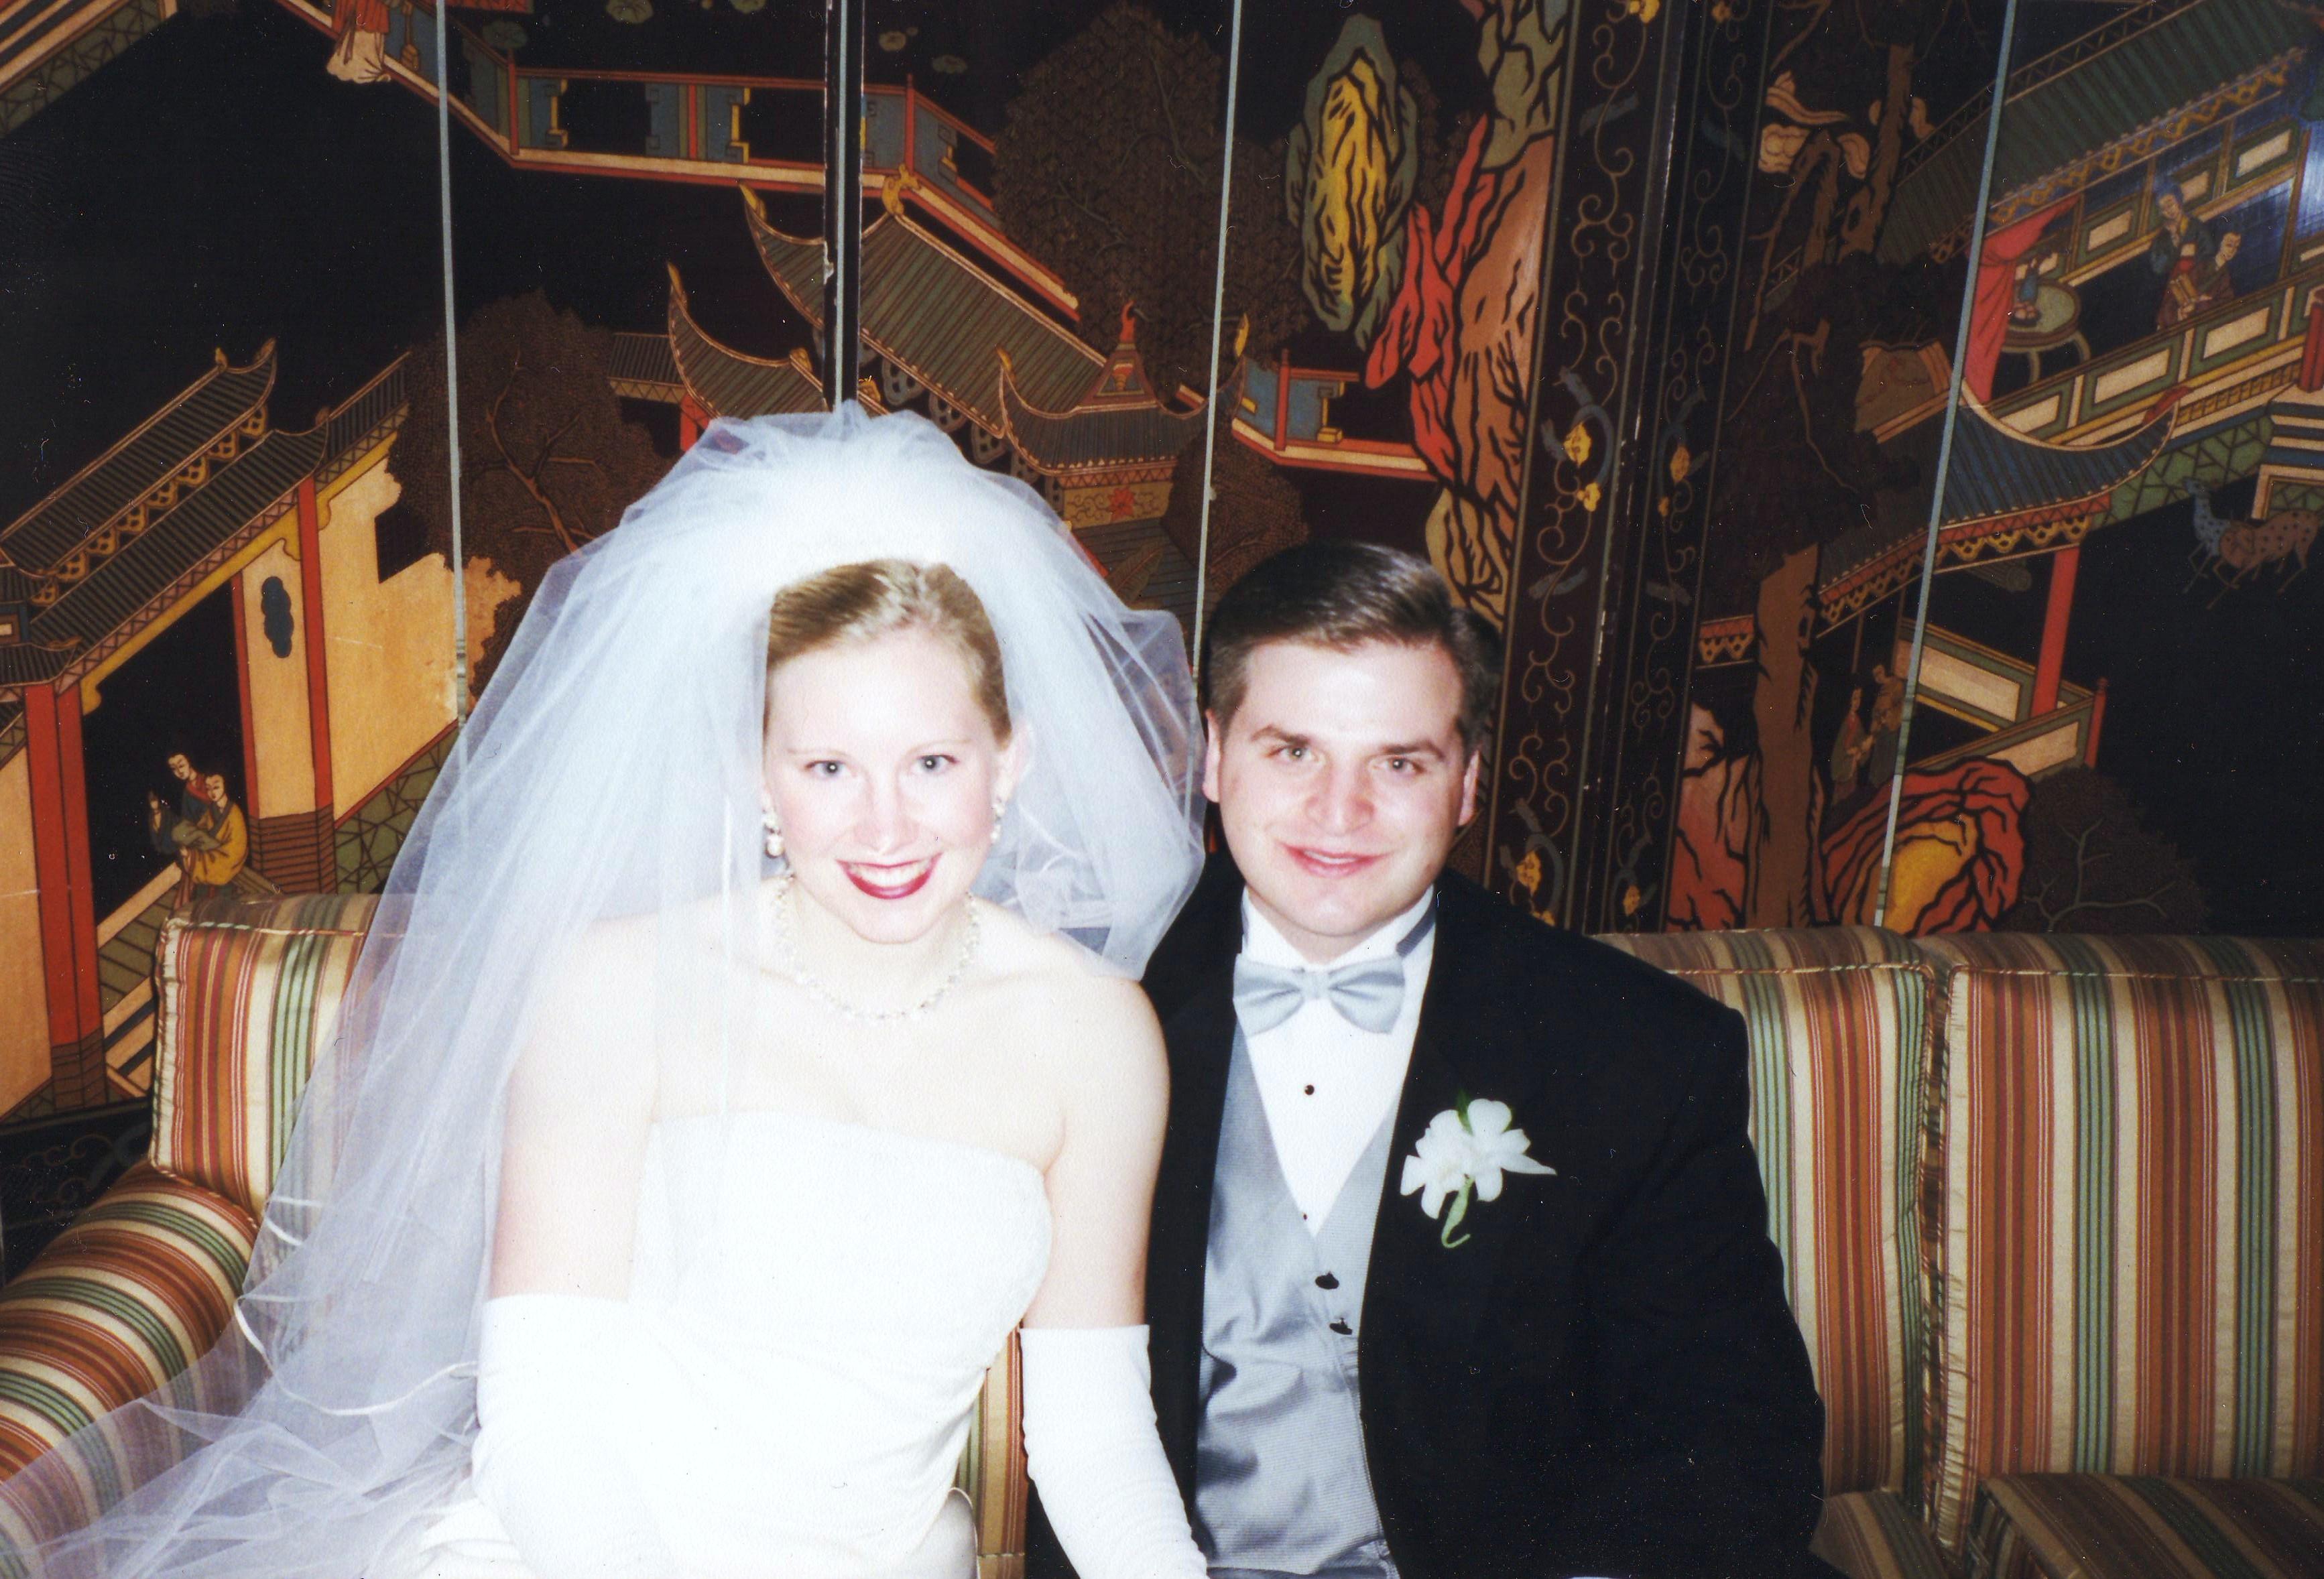 Oct. 16, 1999